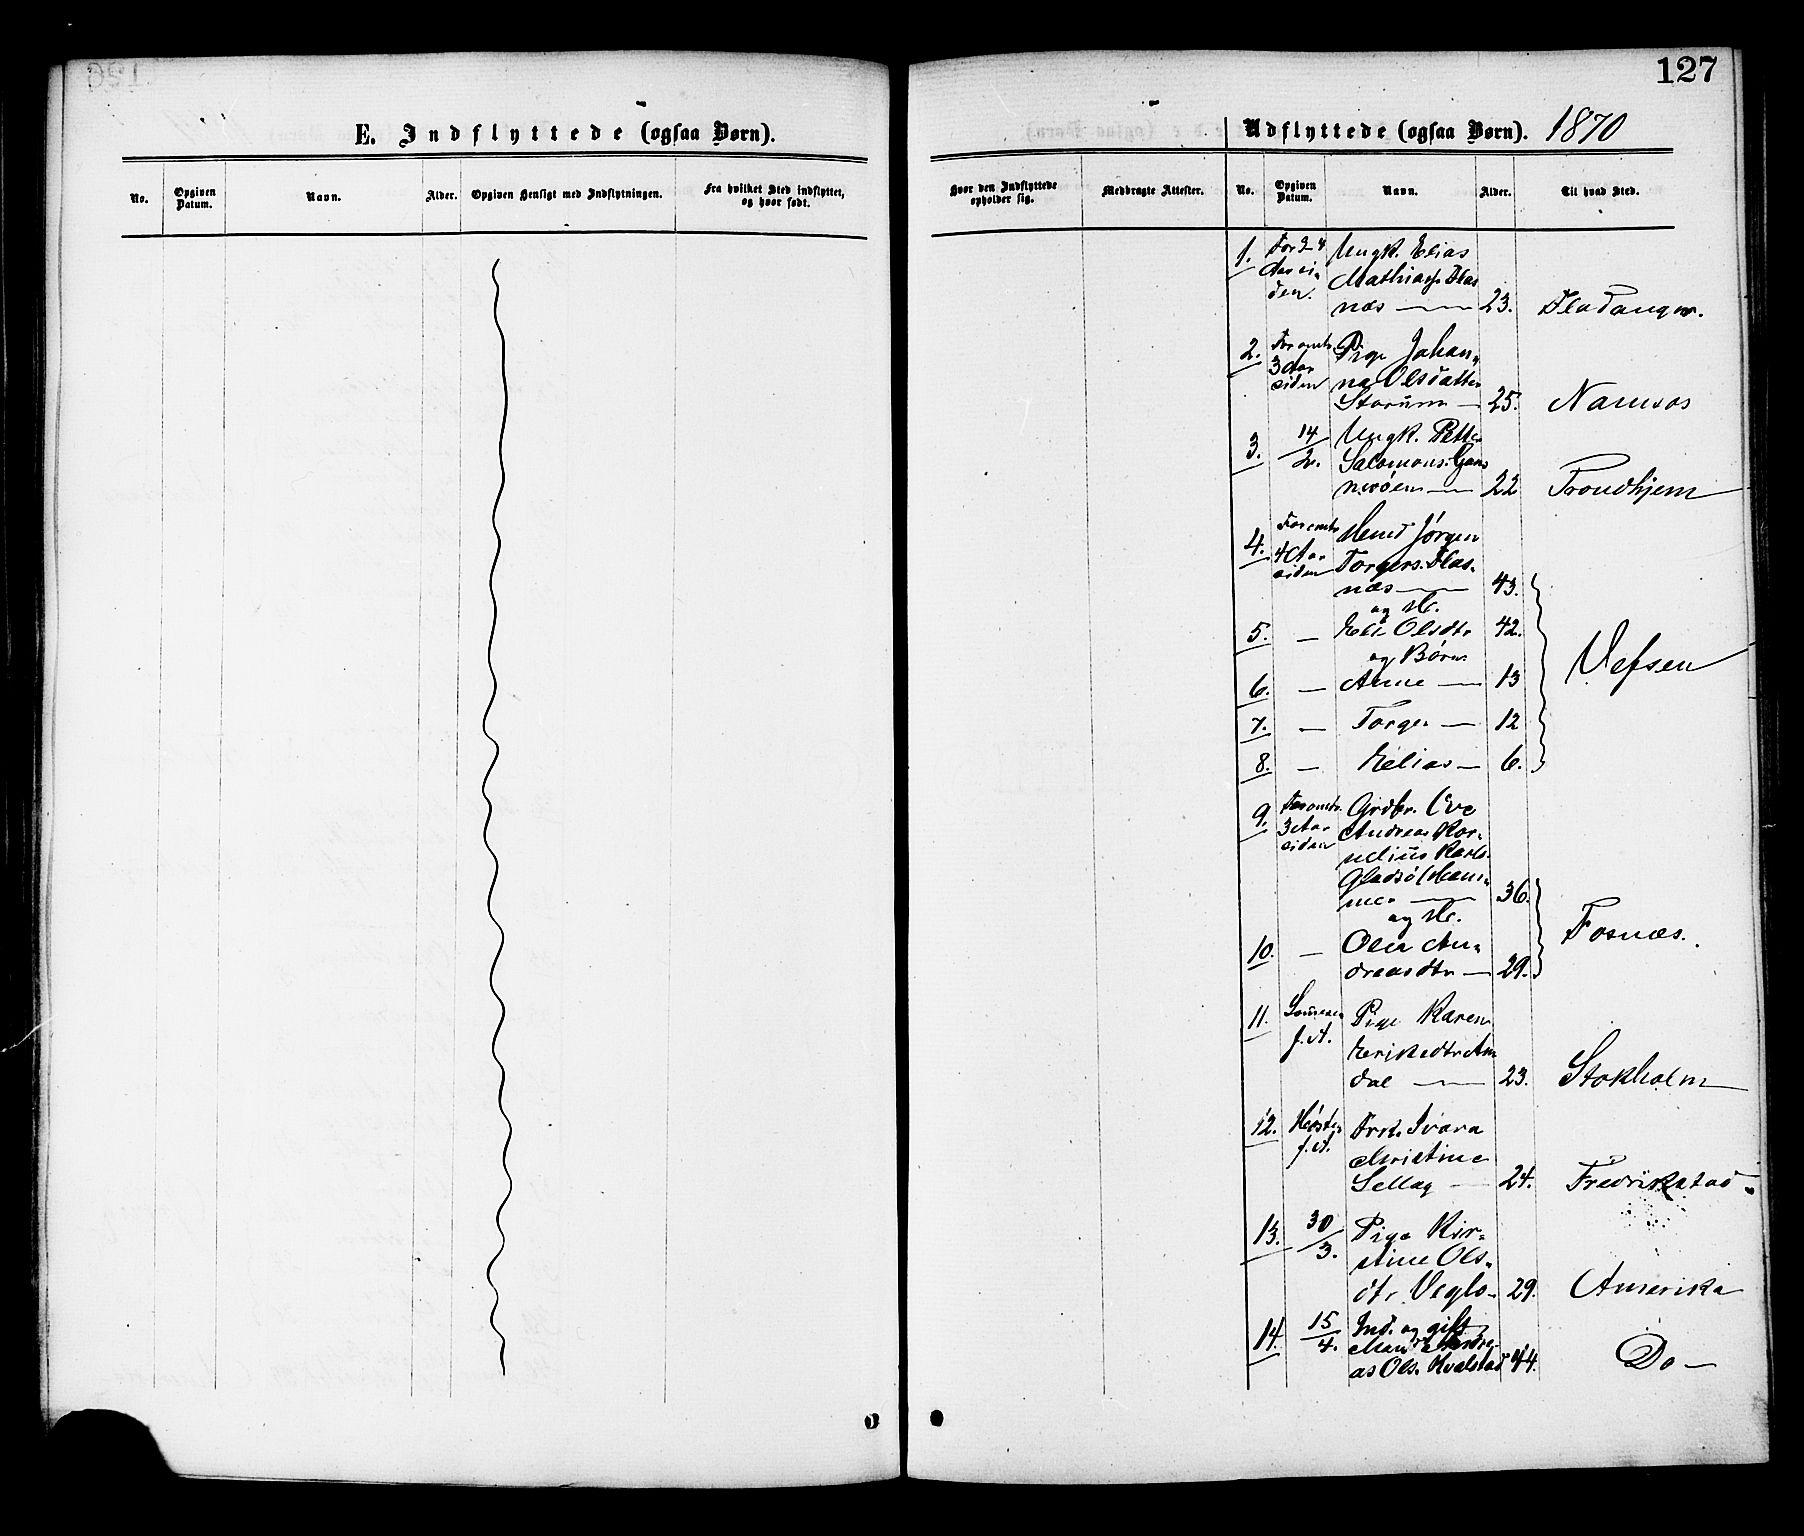 SAT, Ministerialprotokoller, klokkerbøker og fødselsregistre - Nord-Trøndelag, 764/L0554: Ministerialbok nr. 764A09, 1867-1880, s. 127